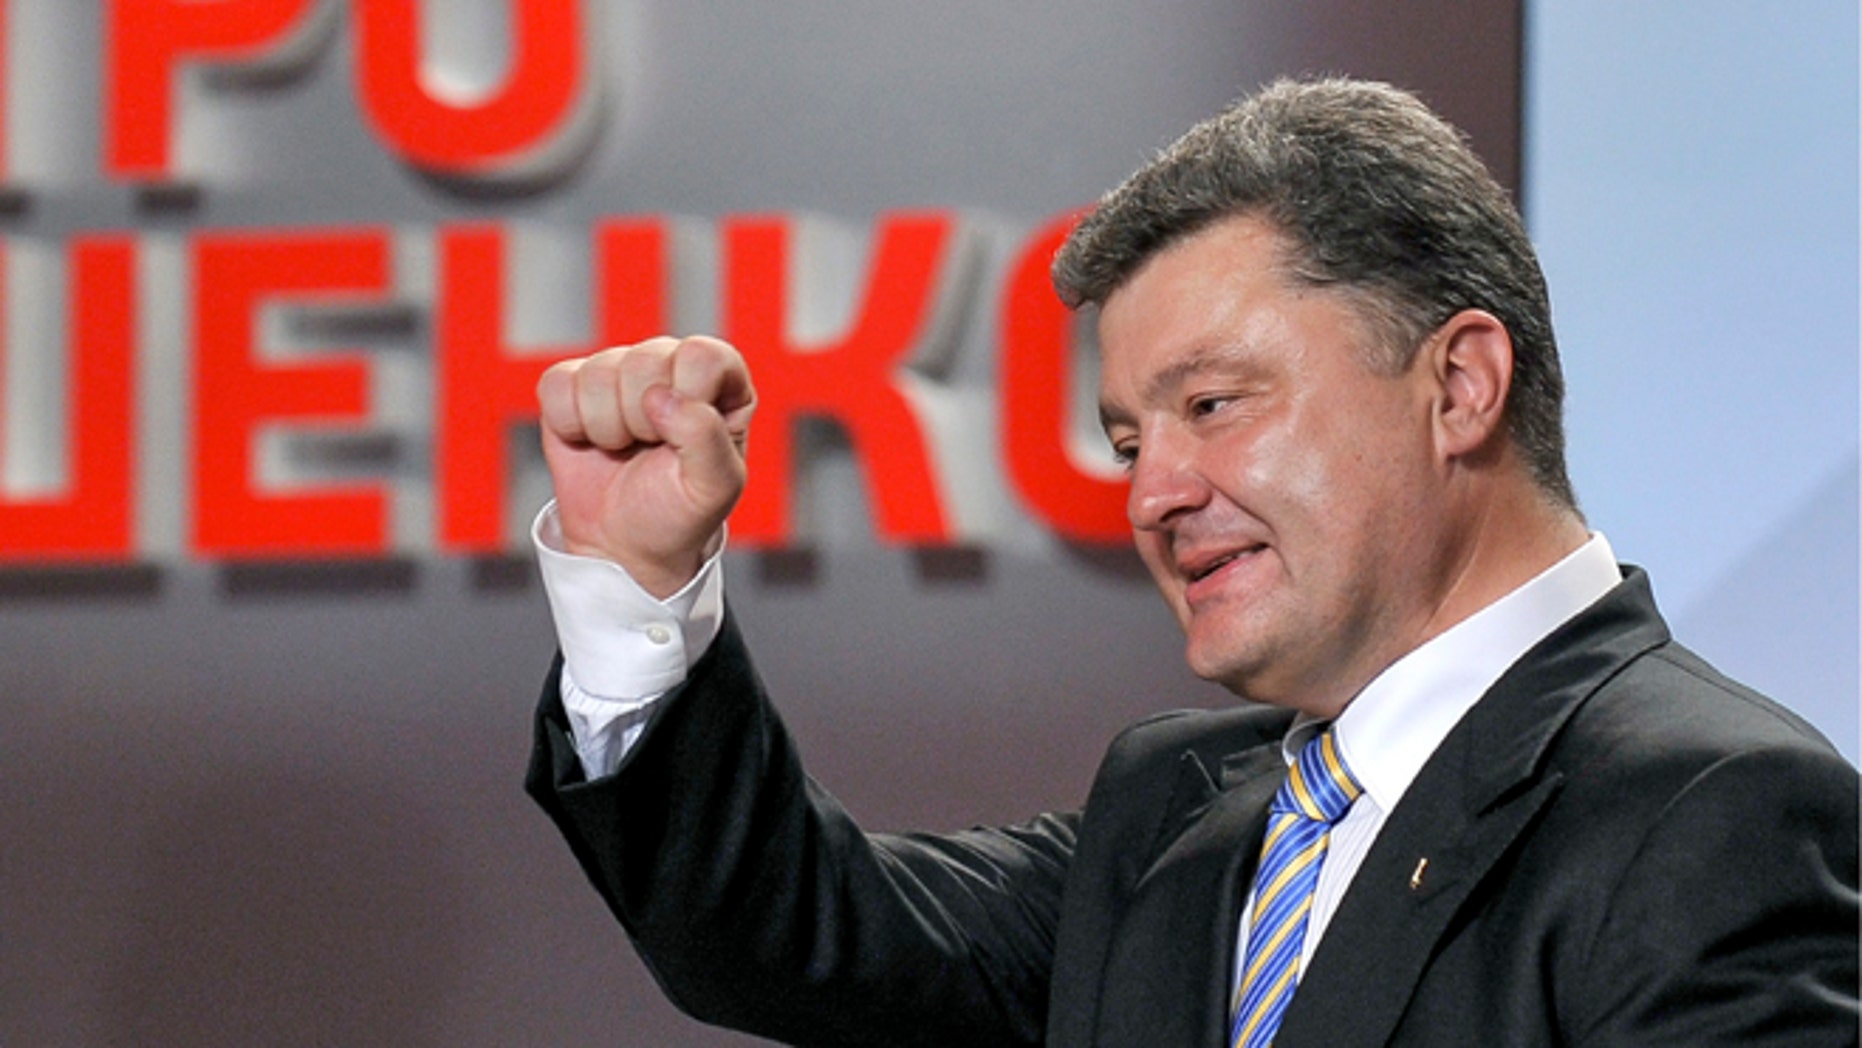 May 25, 2014: Petro Poroshenko in Kiev, Ukraine.